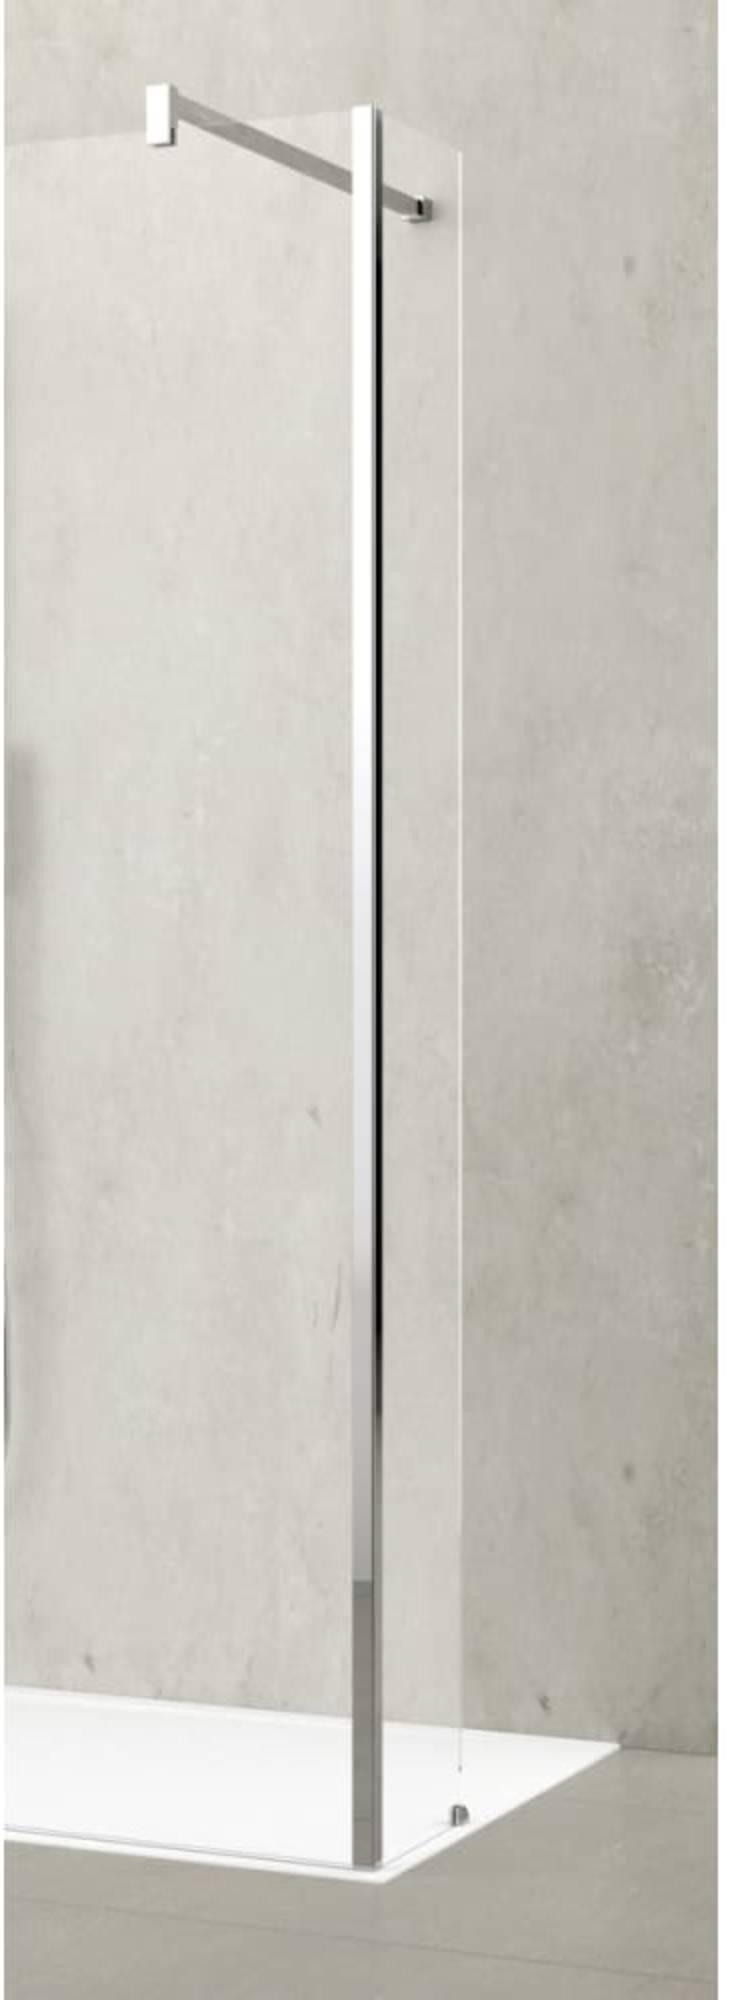 Novellini Kuadra draaideel voor Inloopdouche 37x200 cm